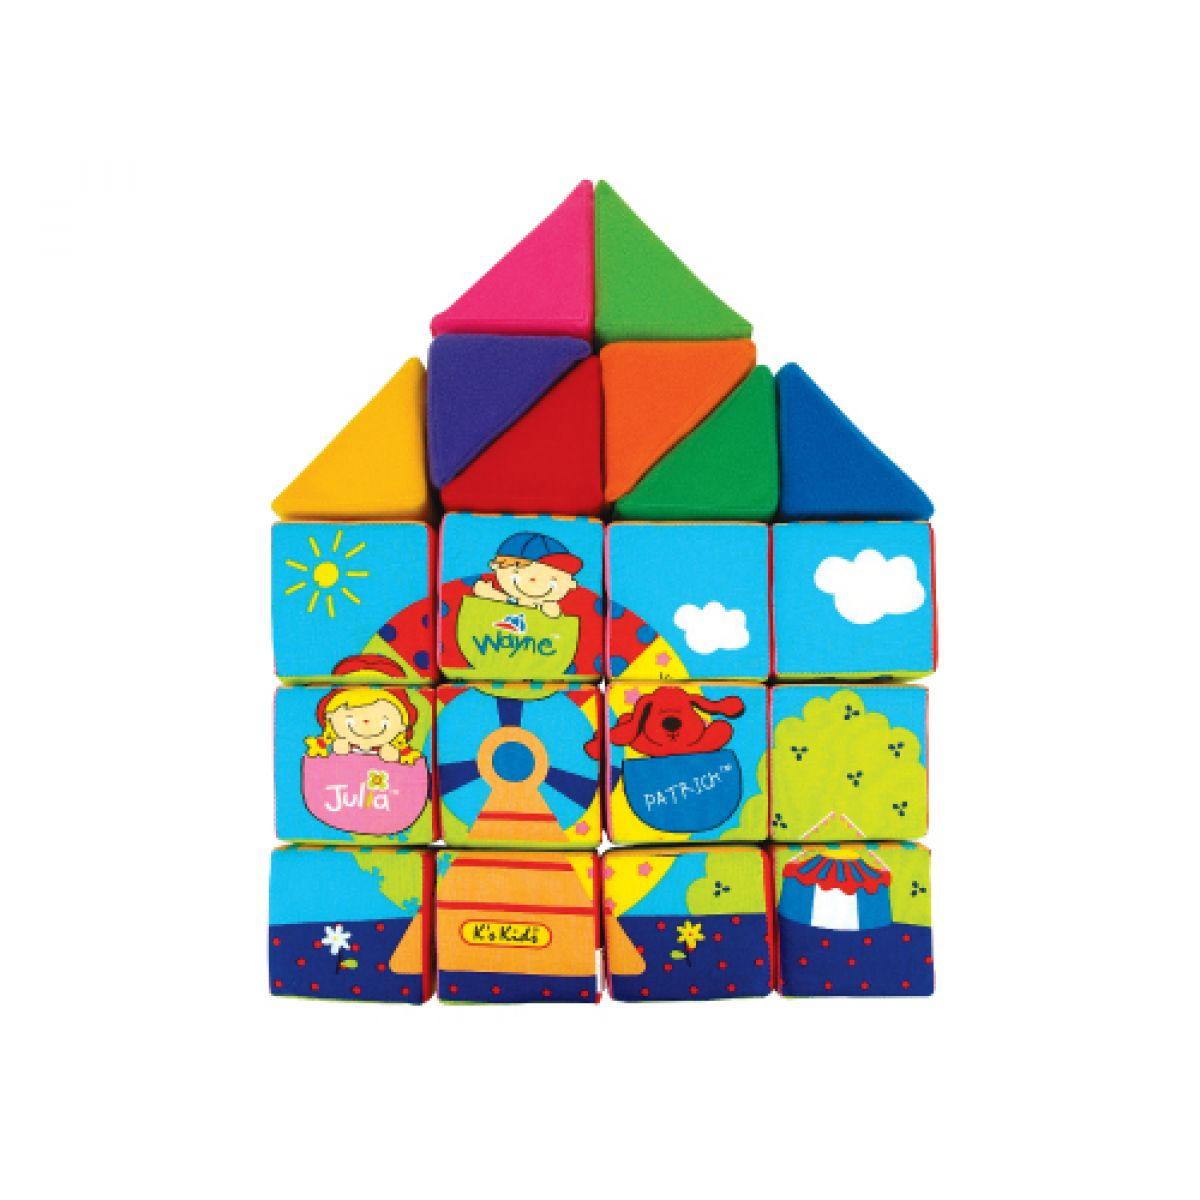 K's Kids Sada veselých látkových kostek a trojúhelníků #2